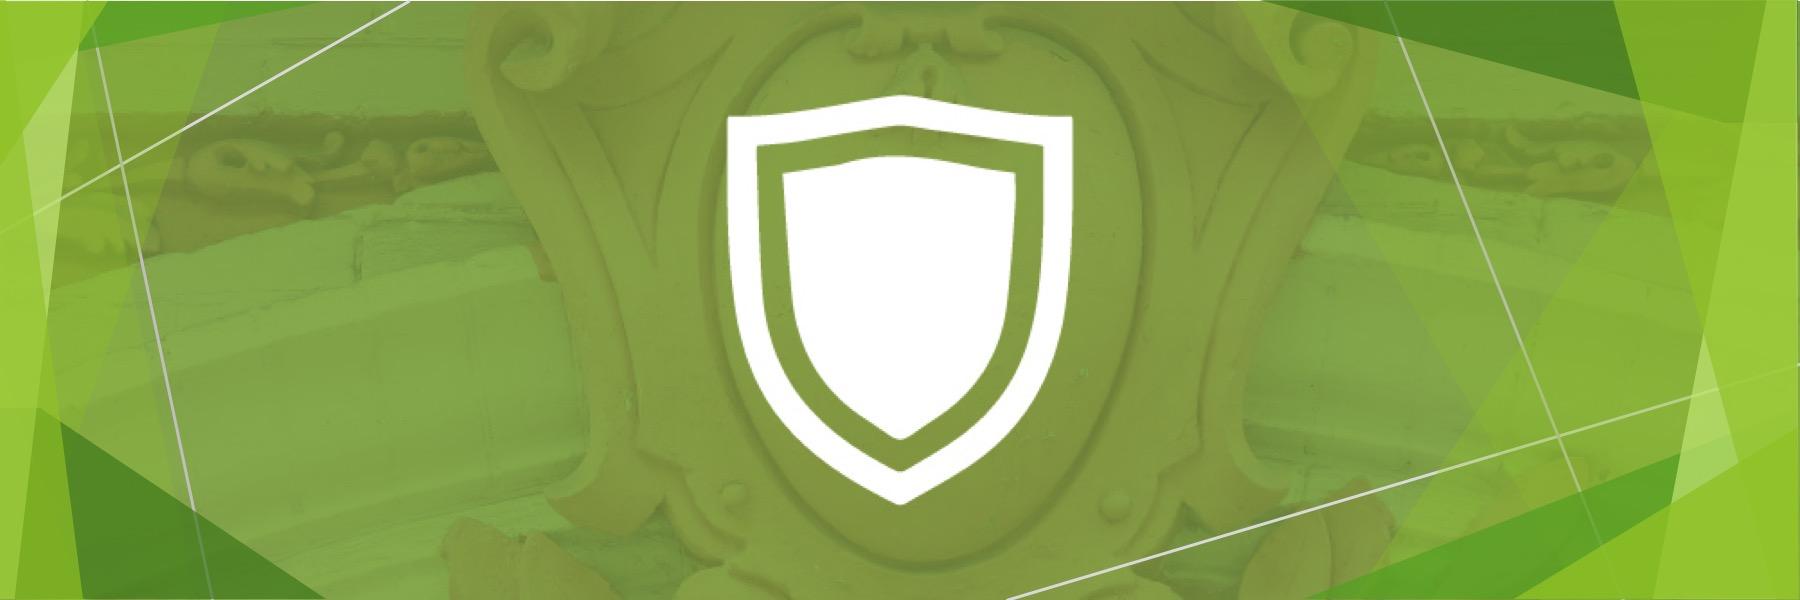 WEGVISOR Werte Wappen